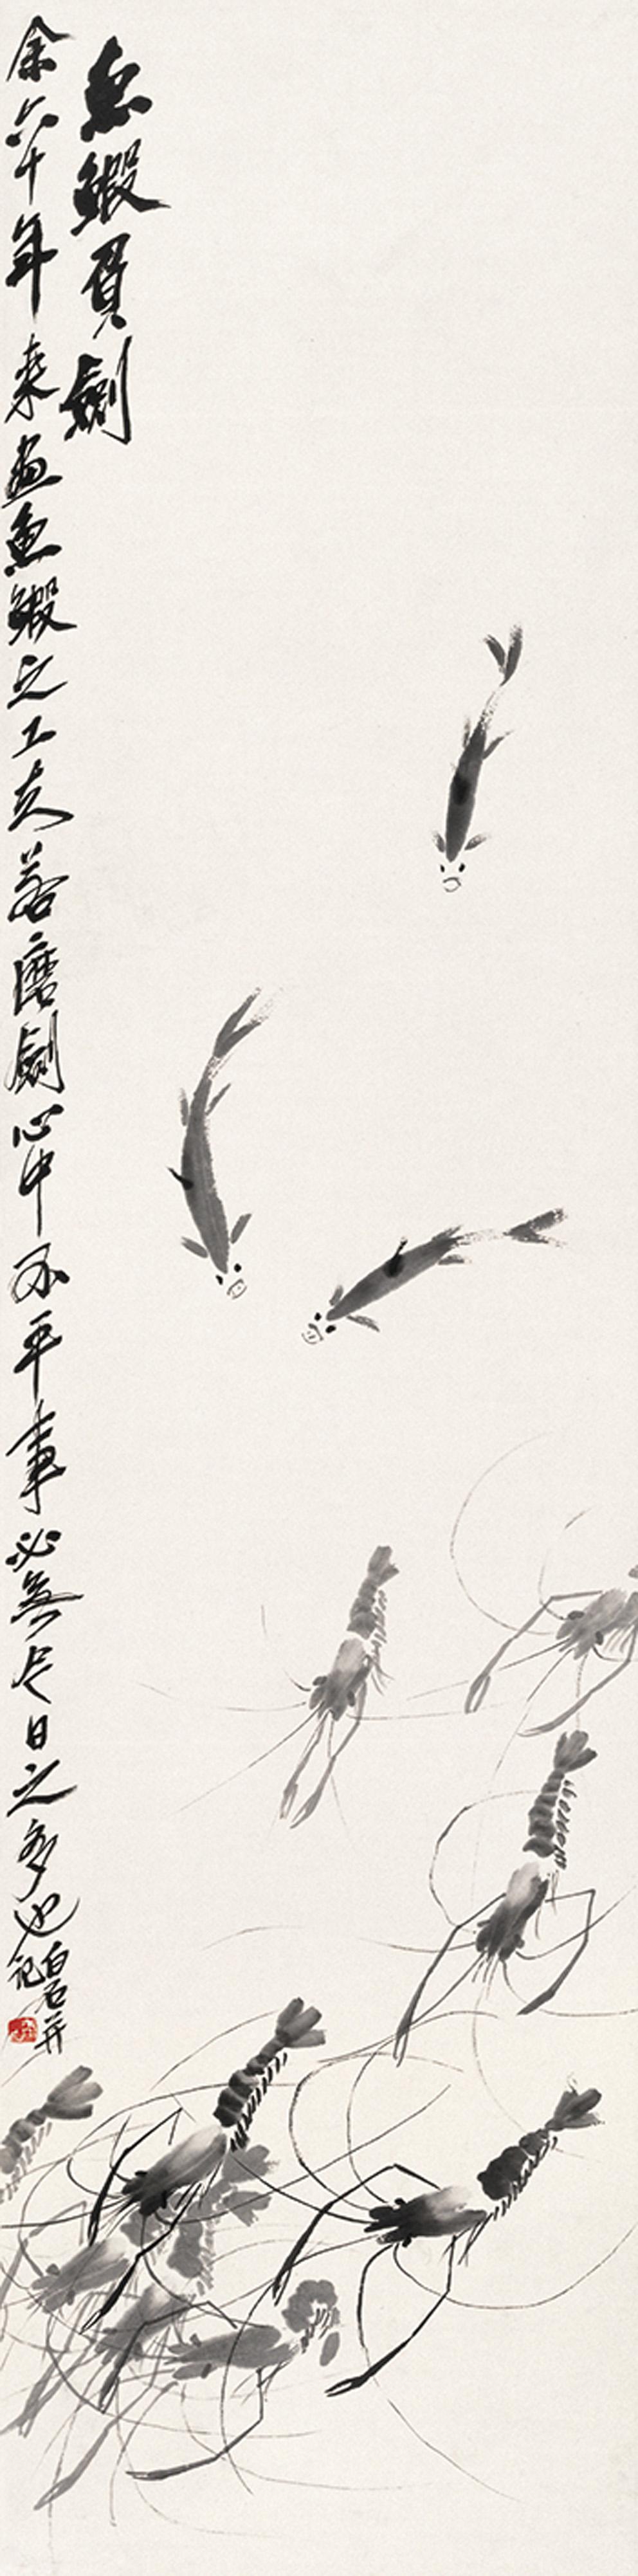 秋蕊香——齐白石、黄宾虹花鸟画展|浙江美术馆